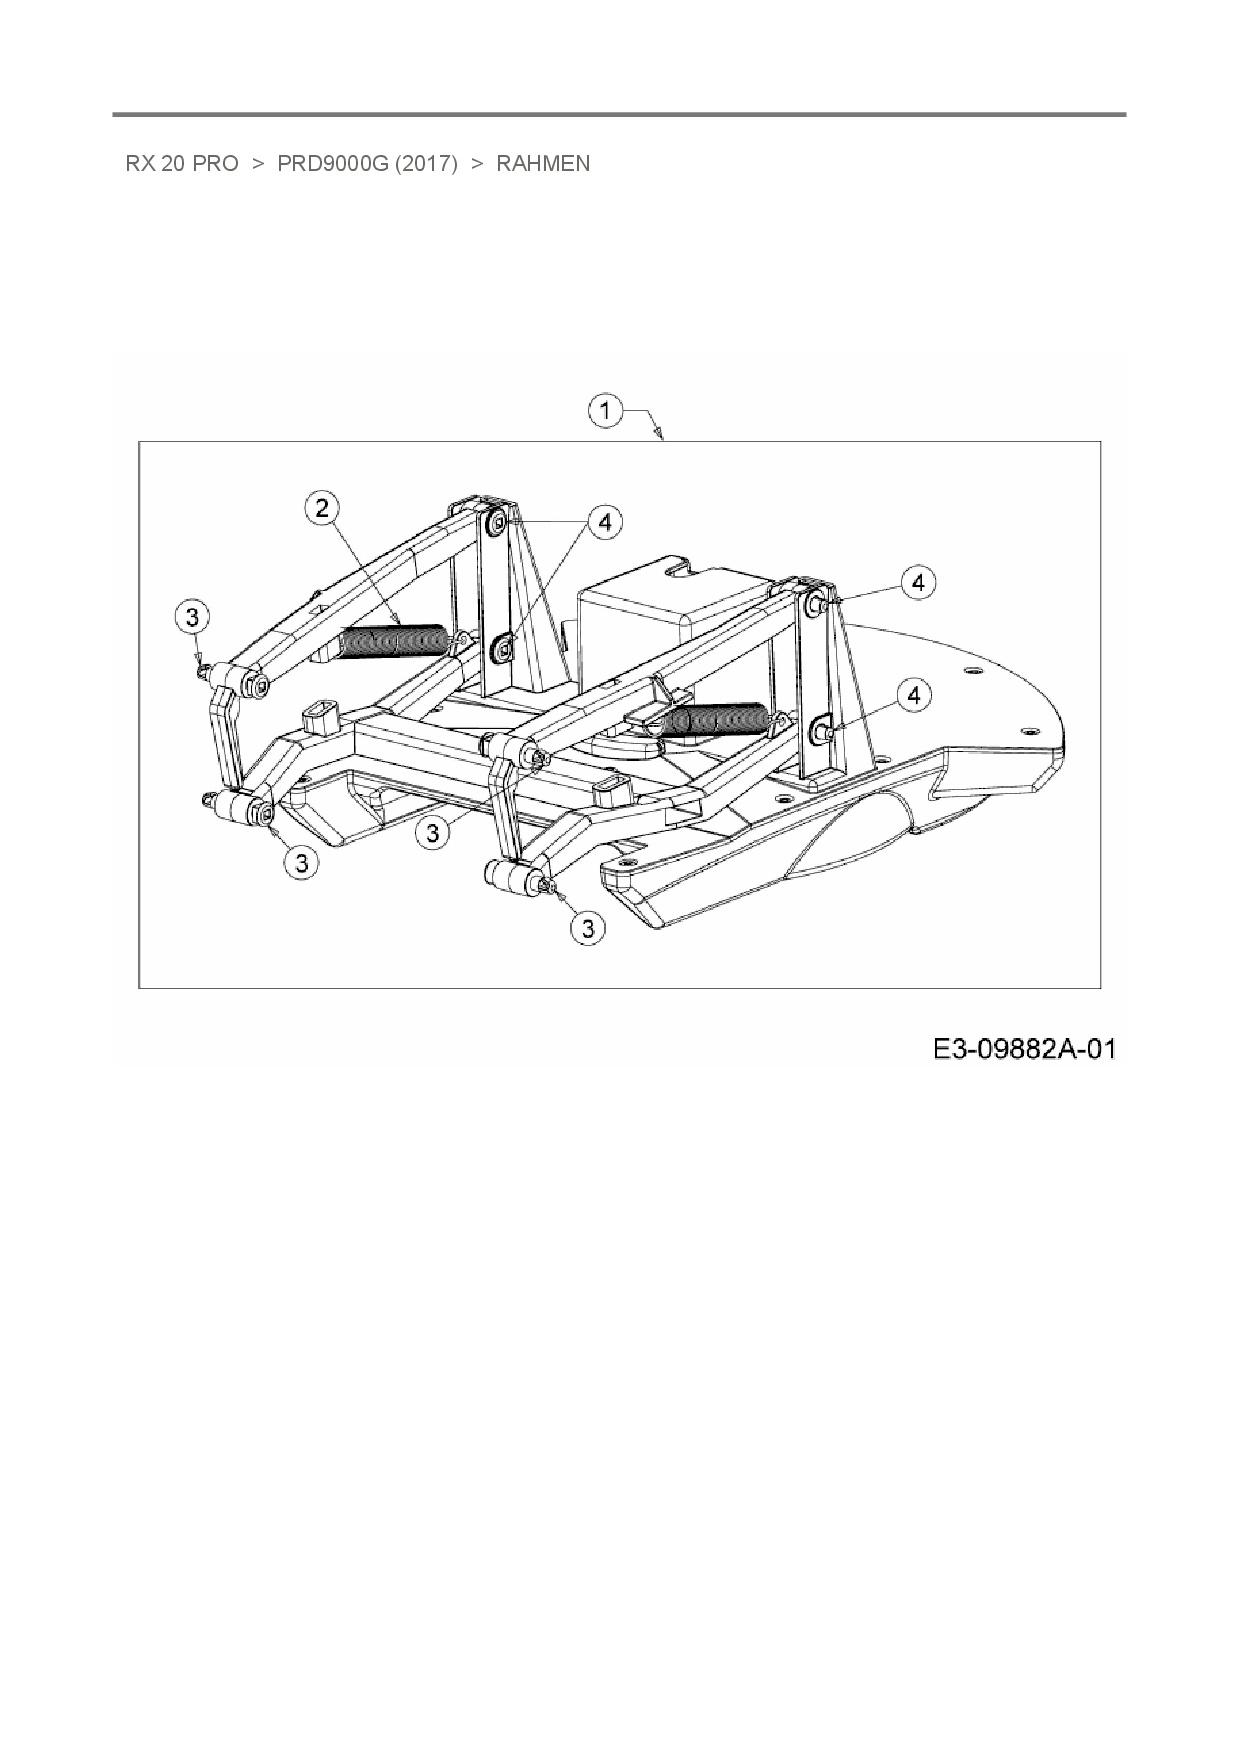 Ersatzteile von Robomow Mähroboter RX 20 PRO aus der Zeichnung Rahmen